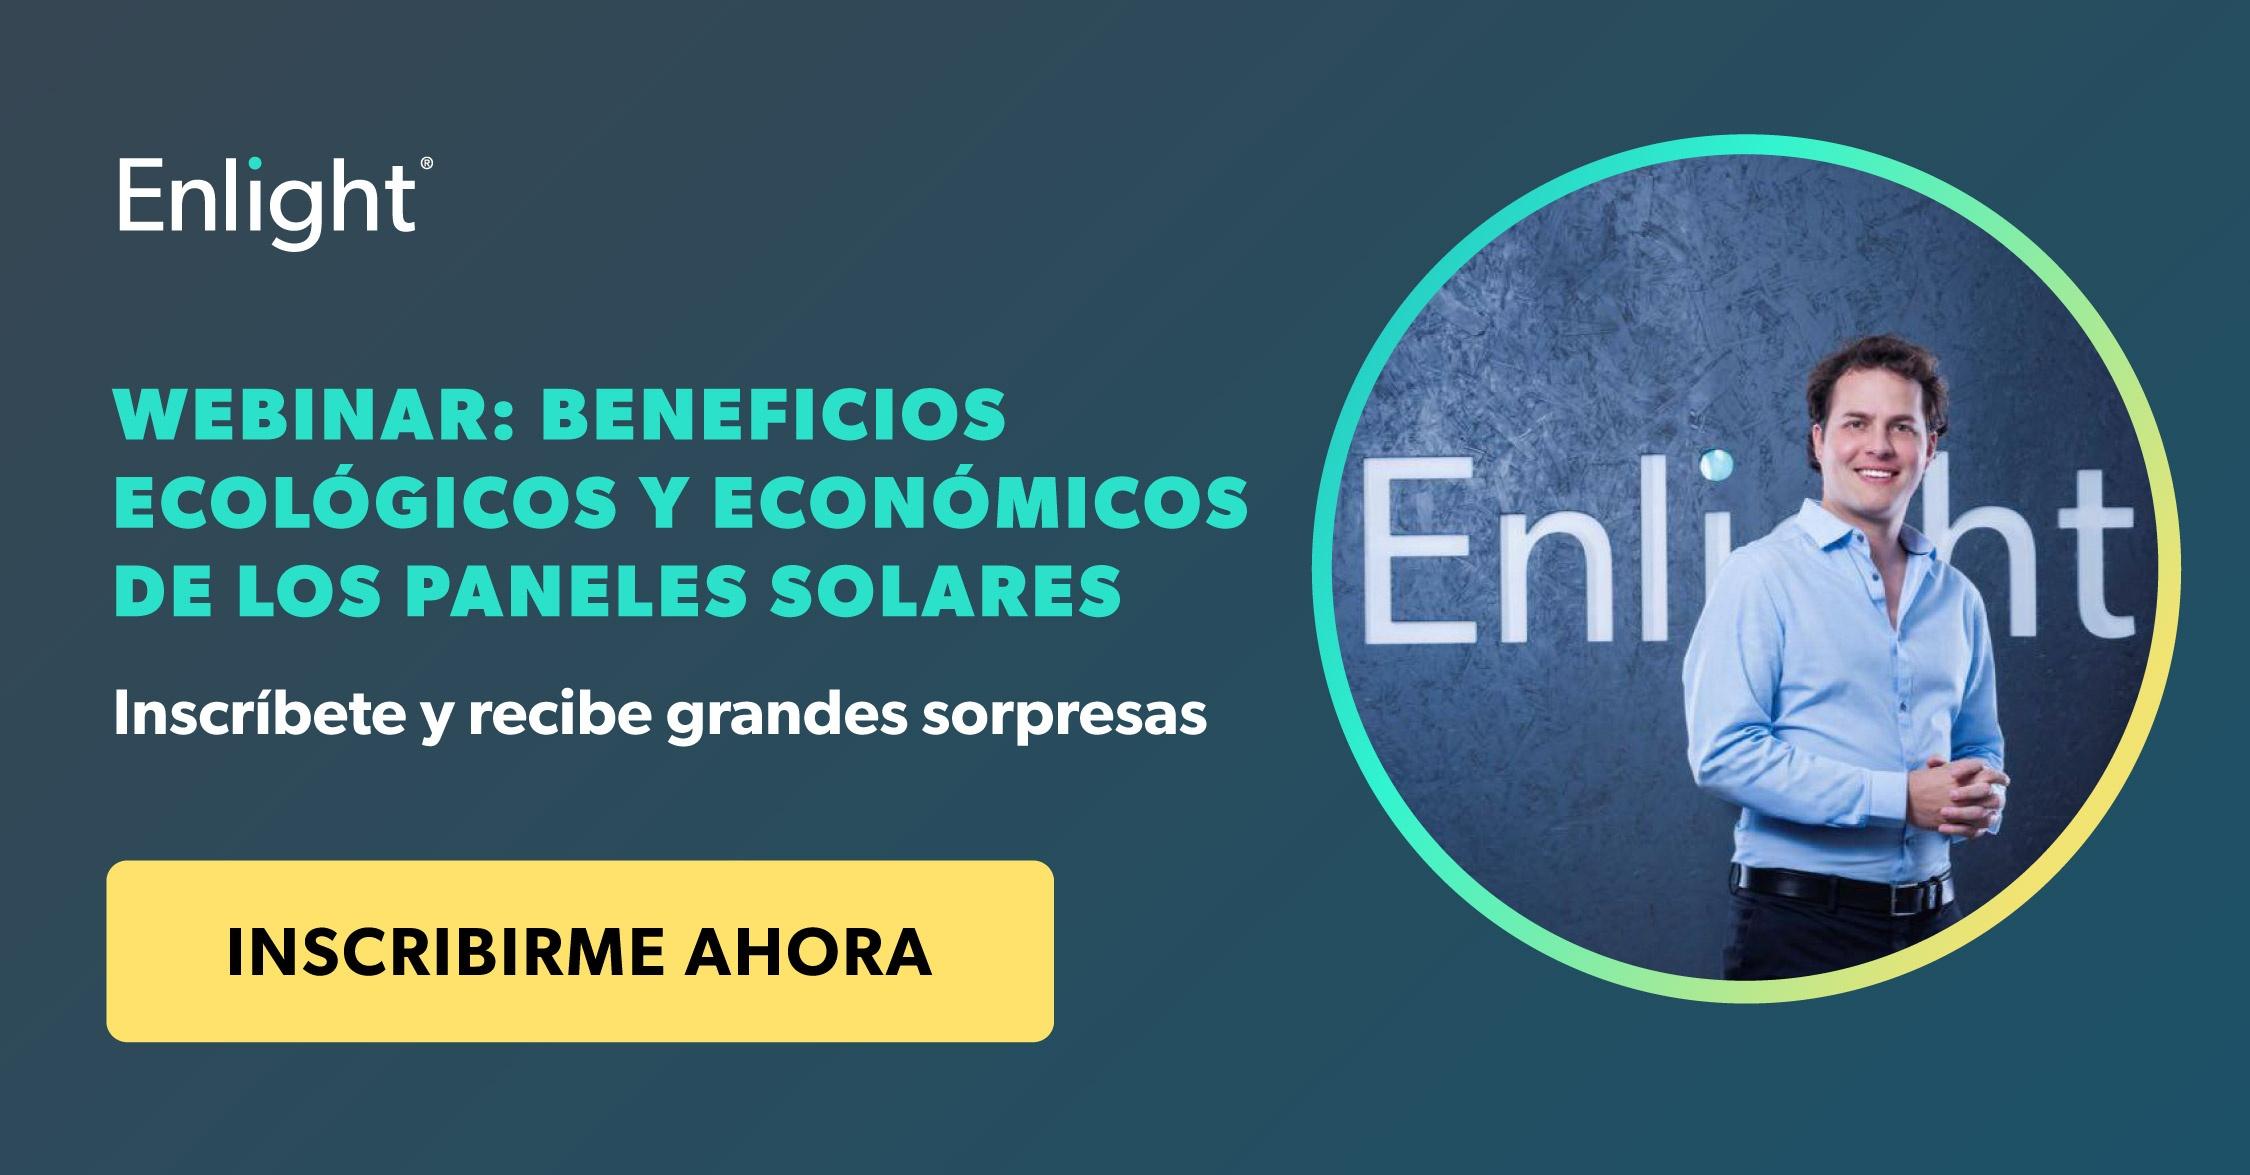 Webinar beneficios ecológicos y económicos de los paneles solares